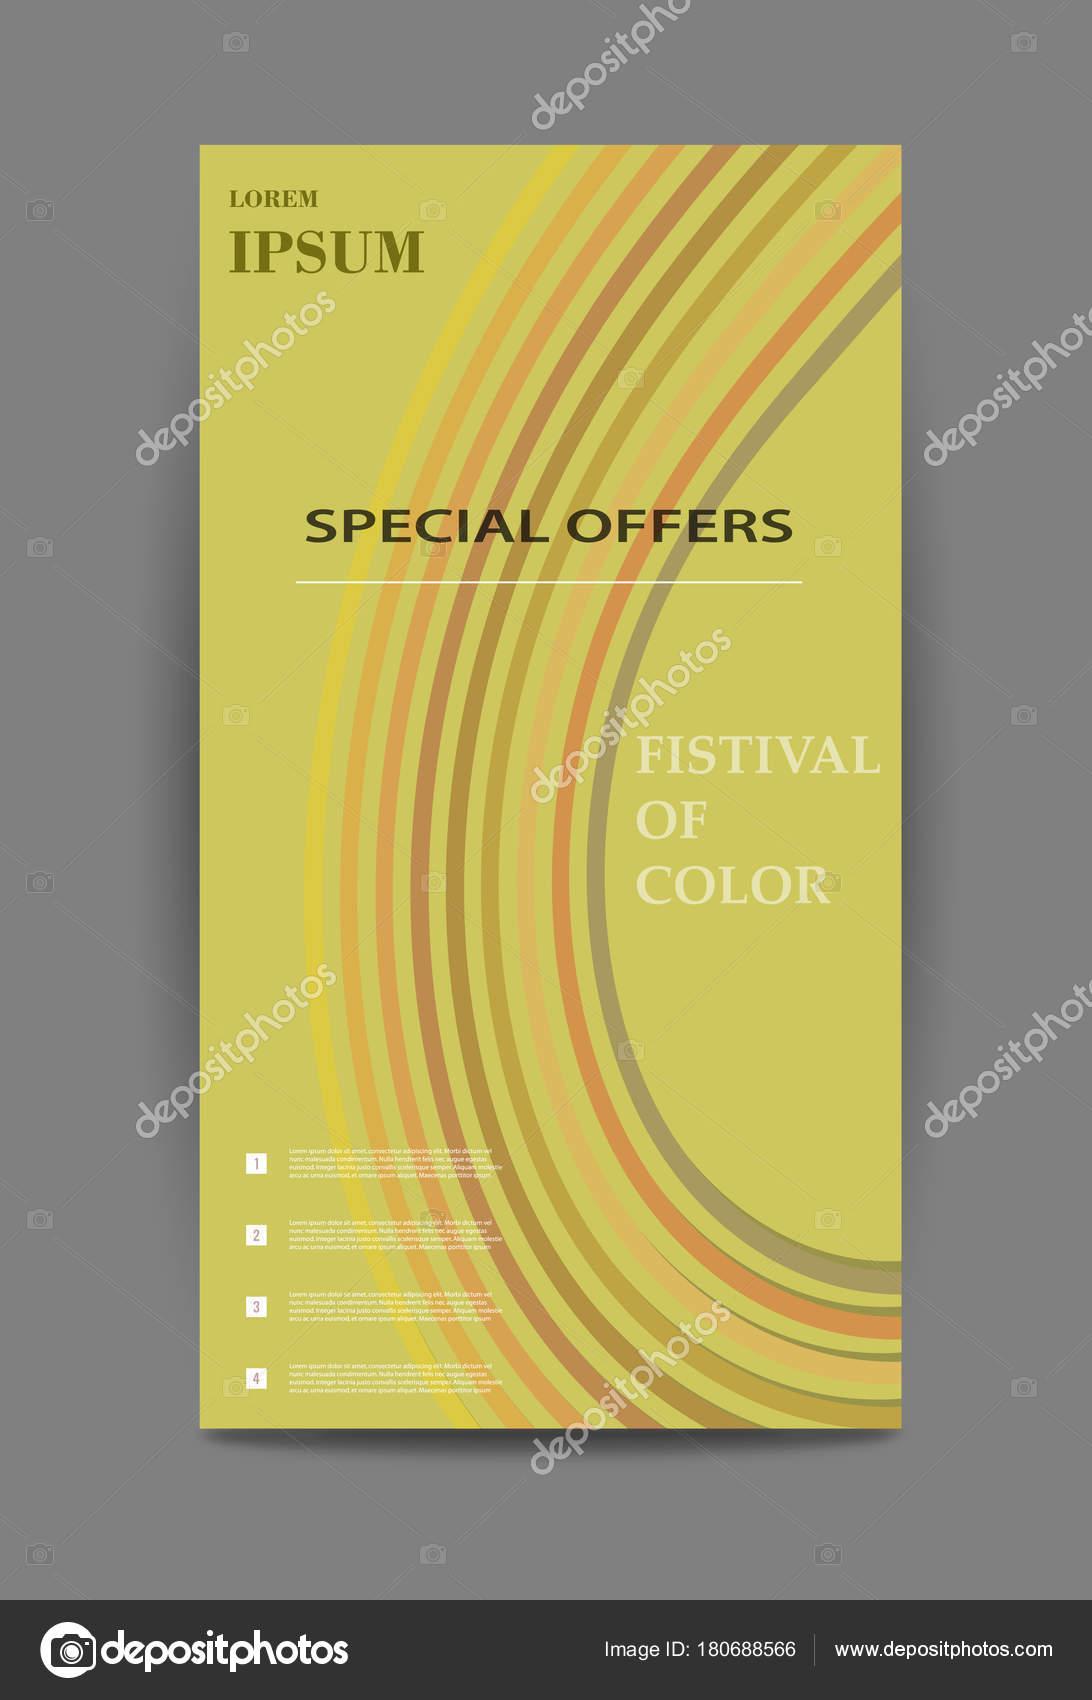 Carte De Visite Personnelle Avec Logo Lentreprise Couleurs Noires Et Jaunes Nettoyer Le Design Plat Illustration Vectorielle Maquette